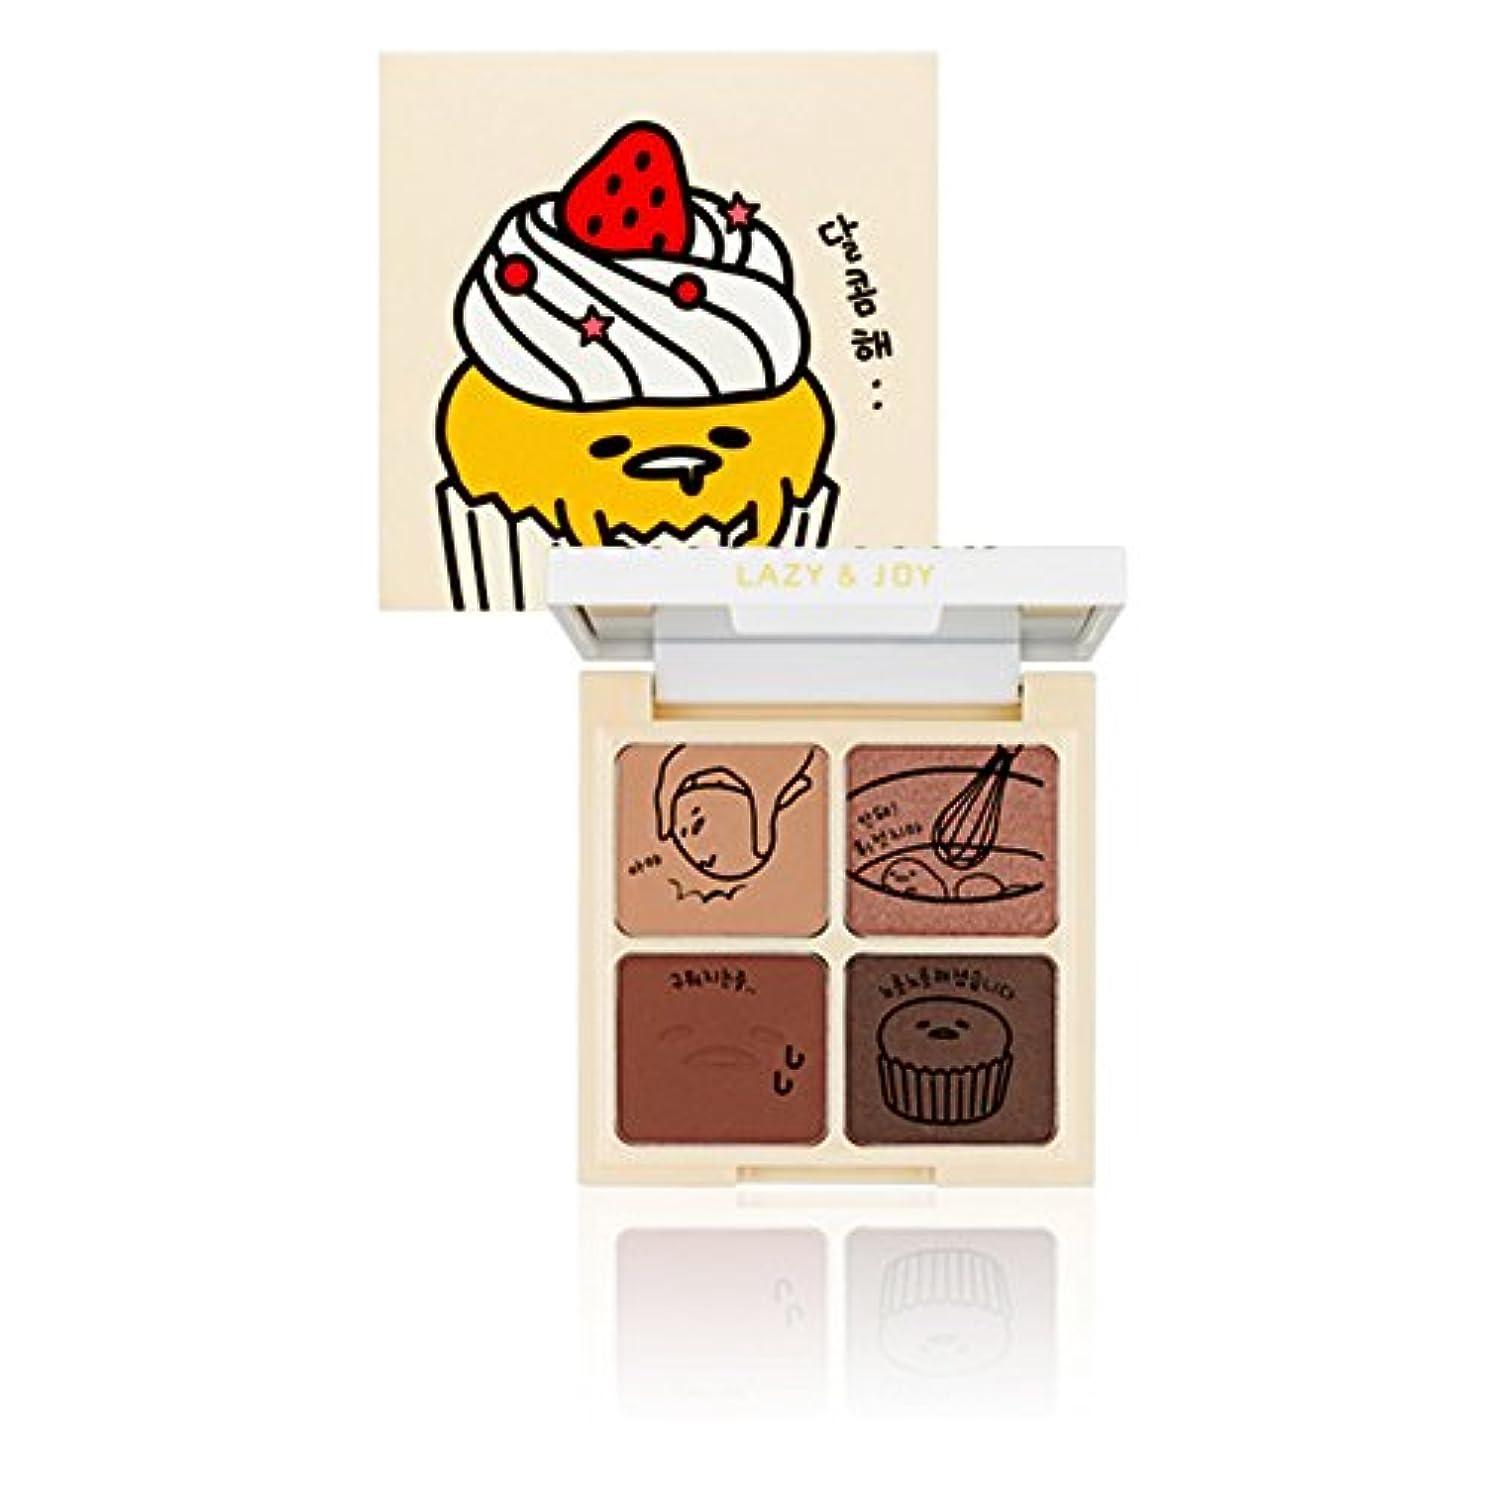 やろうランダム中に(ホリカホリカxぐでたま) HOLIKA HOLIKA ぐでたま LAZY&JOYシリーズ カップケーキ アイシャドウ 2タイプ アイシャドウパレット Cupcake Eye Palette Shadow マット/シマー...